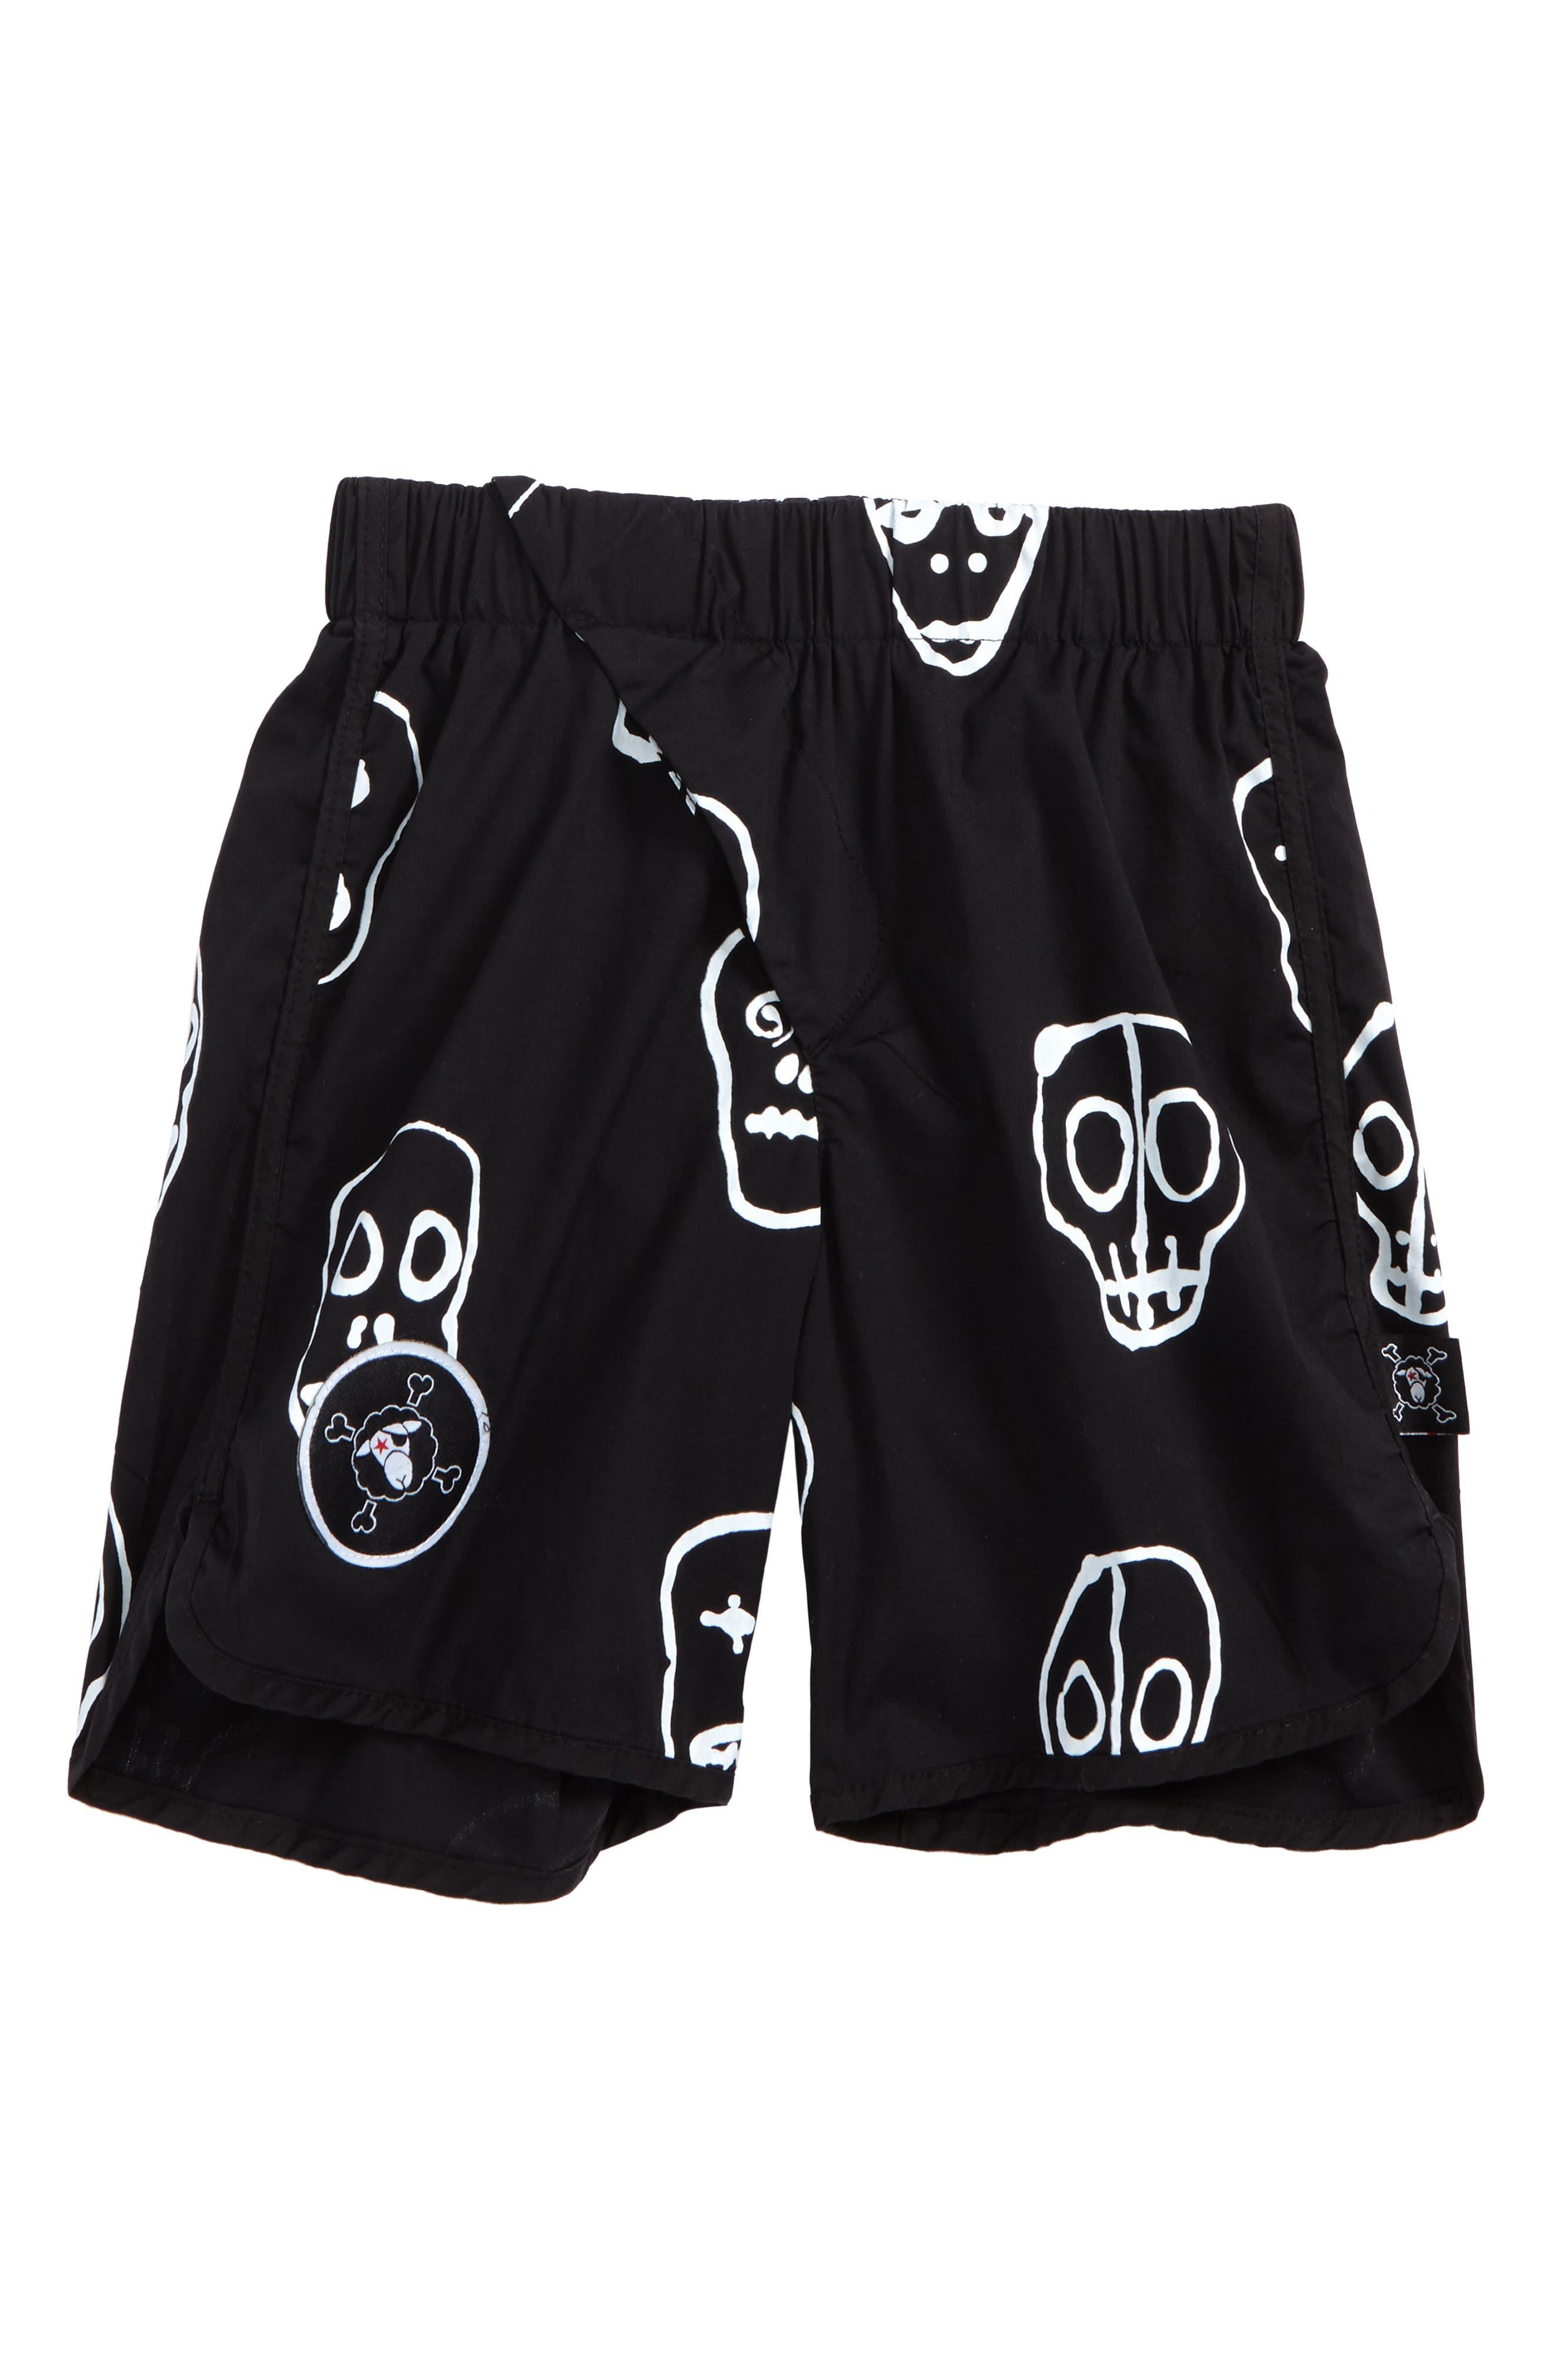 Skull Mask Board Shorts,                             Main thumbnail 1, color,                             001